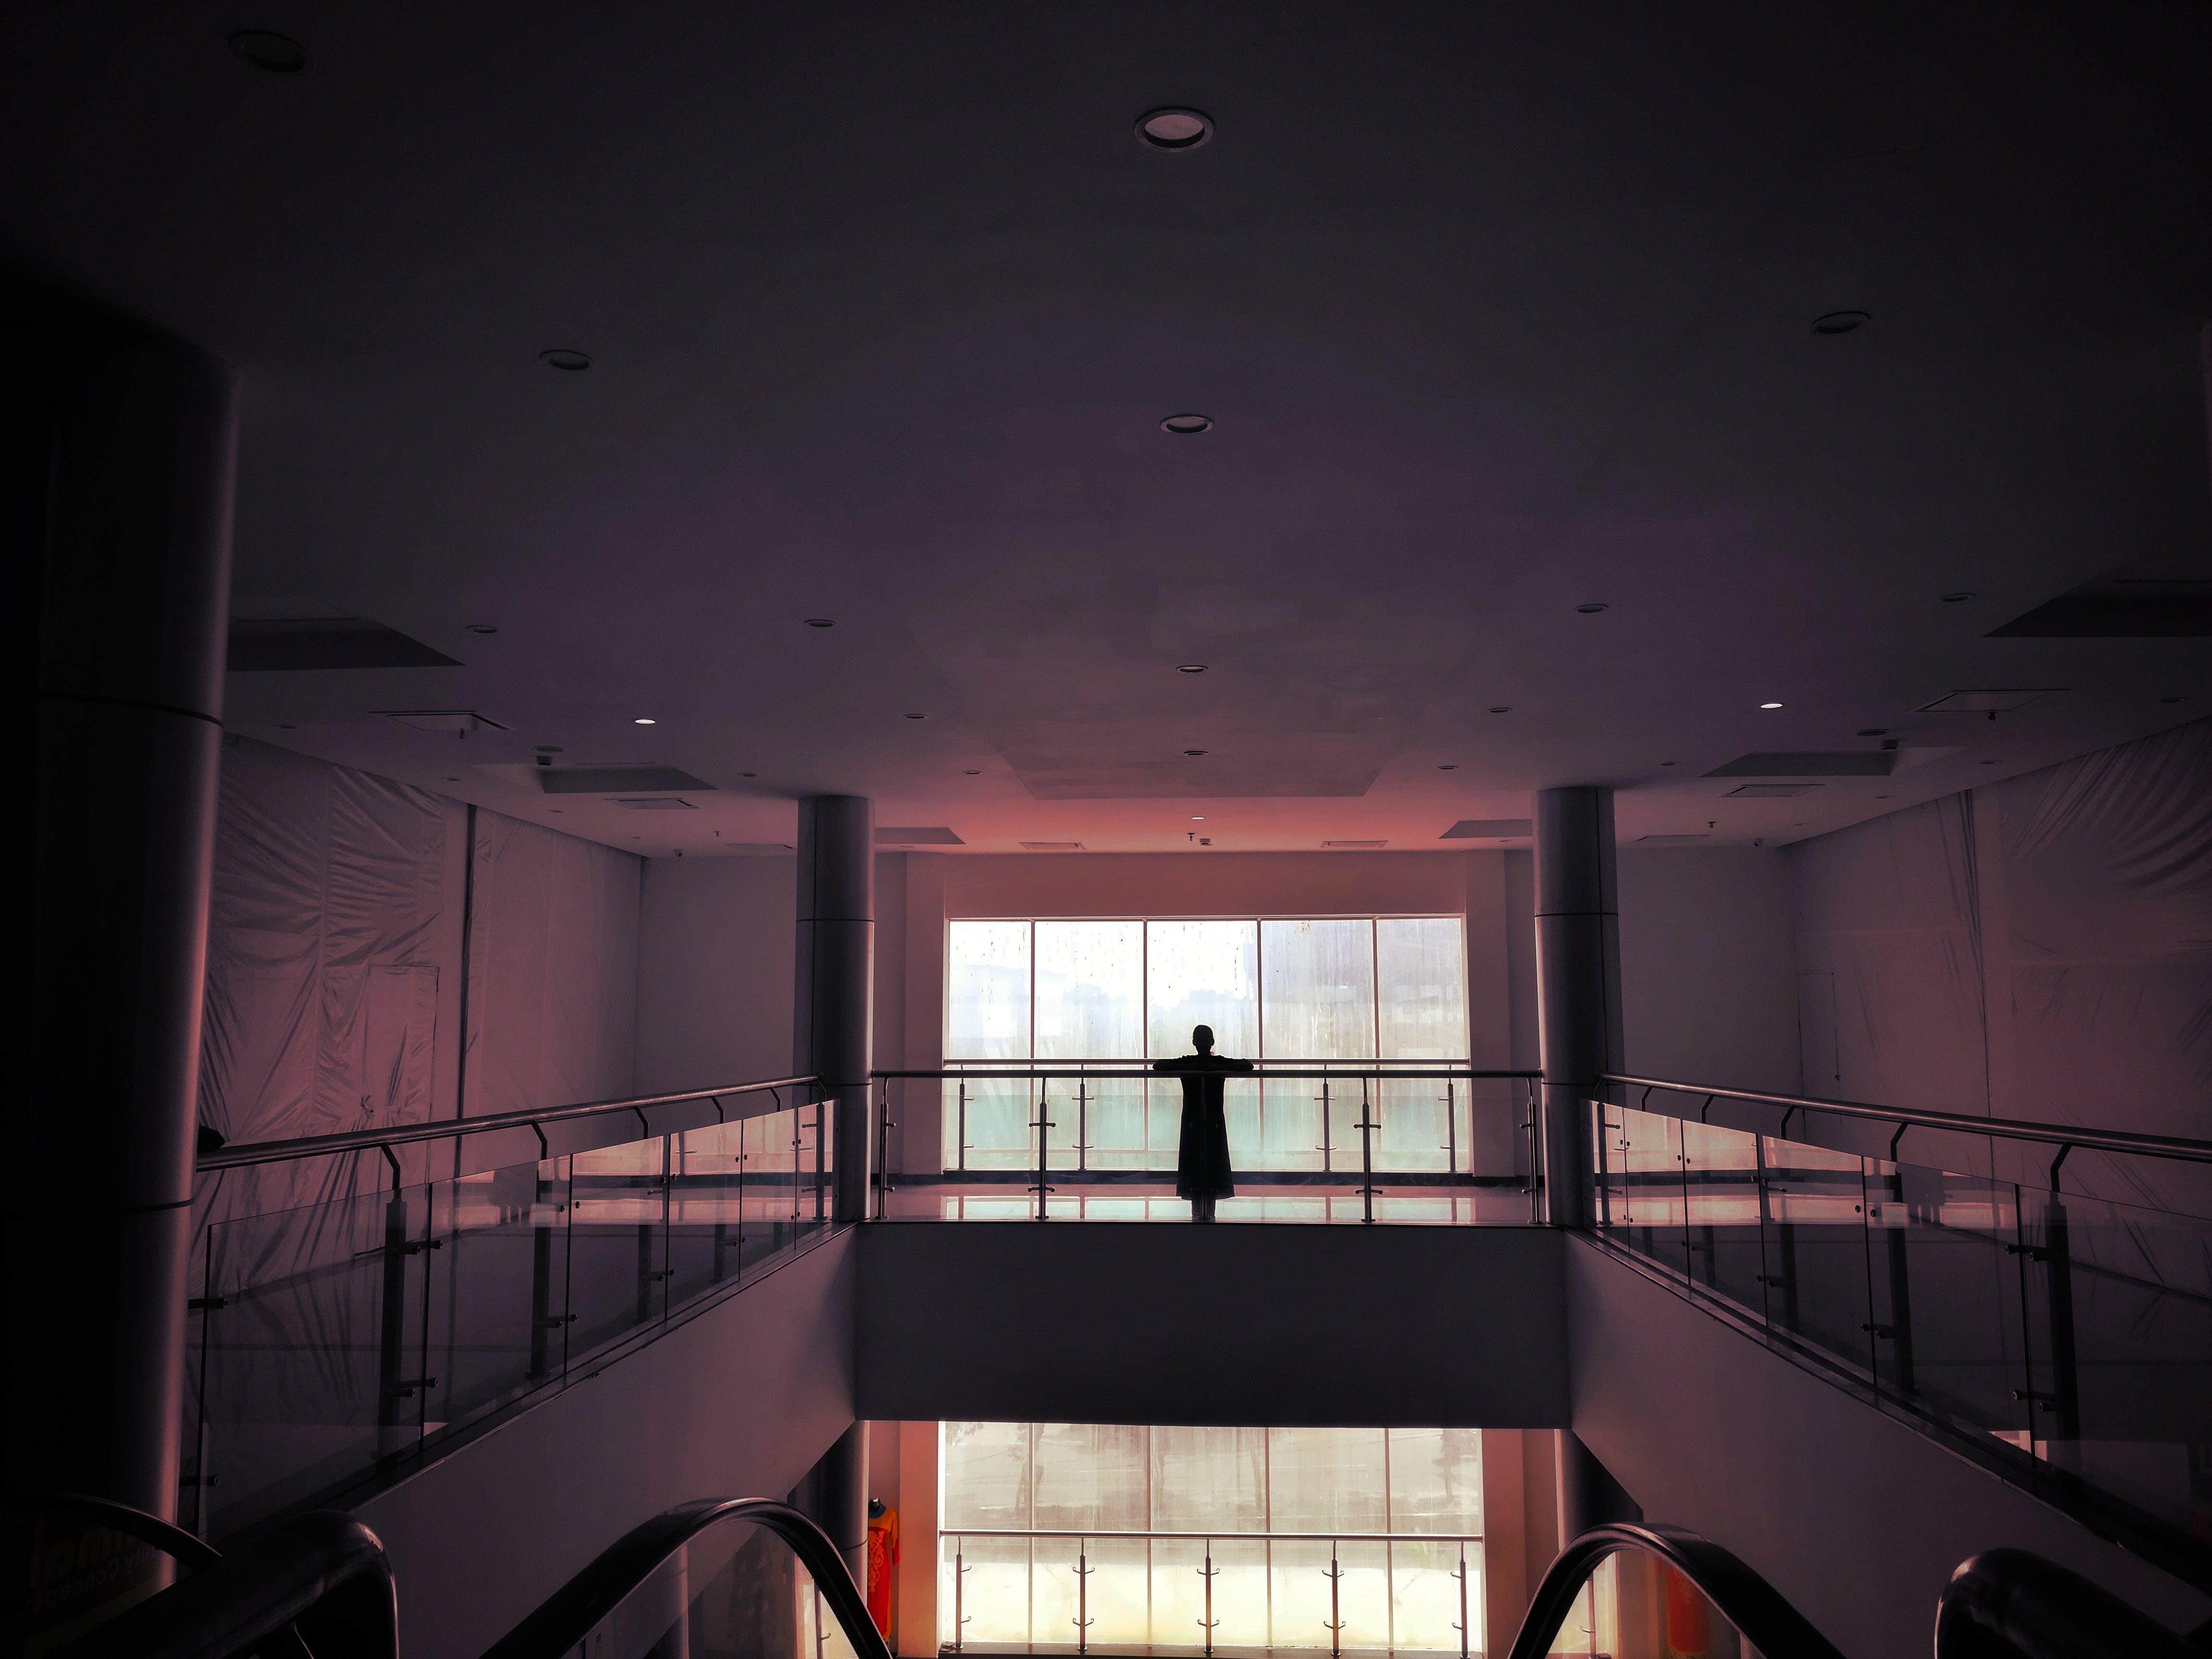 Fotos de stock gratuitas de centro comercial, chica, cristal, edificio